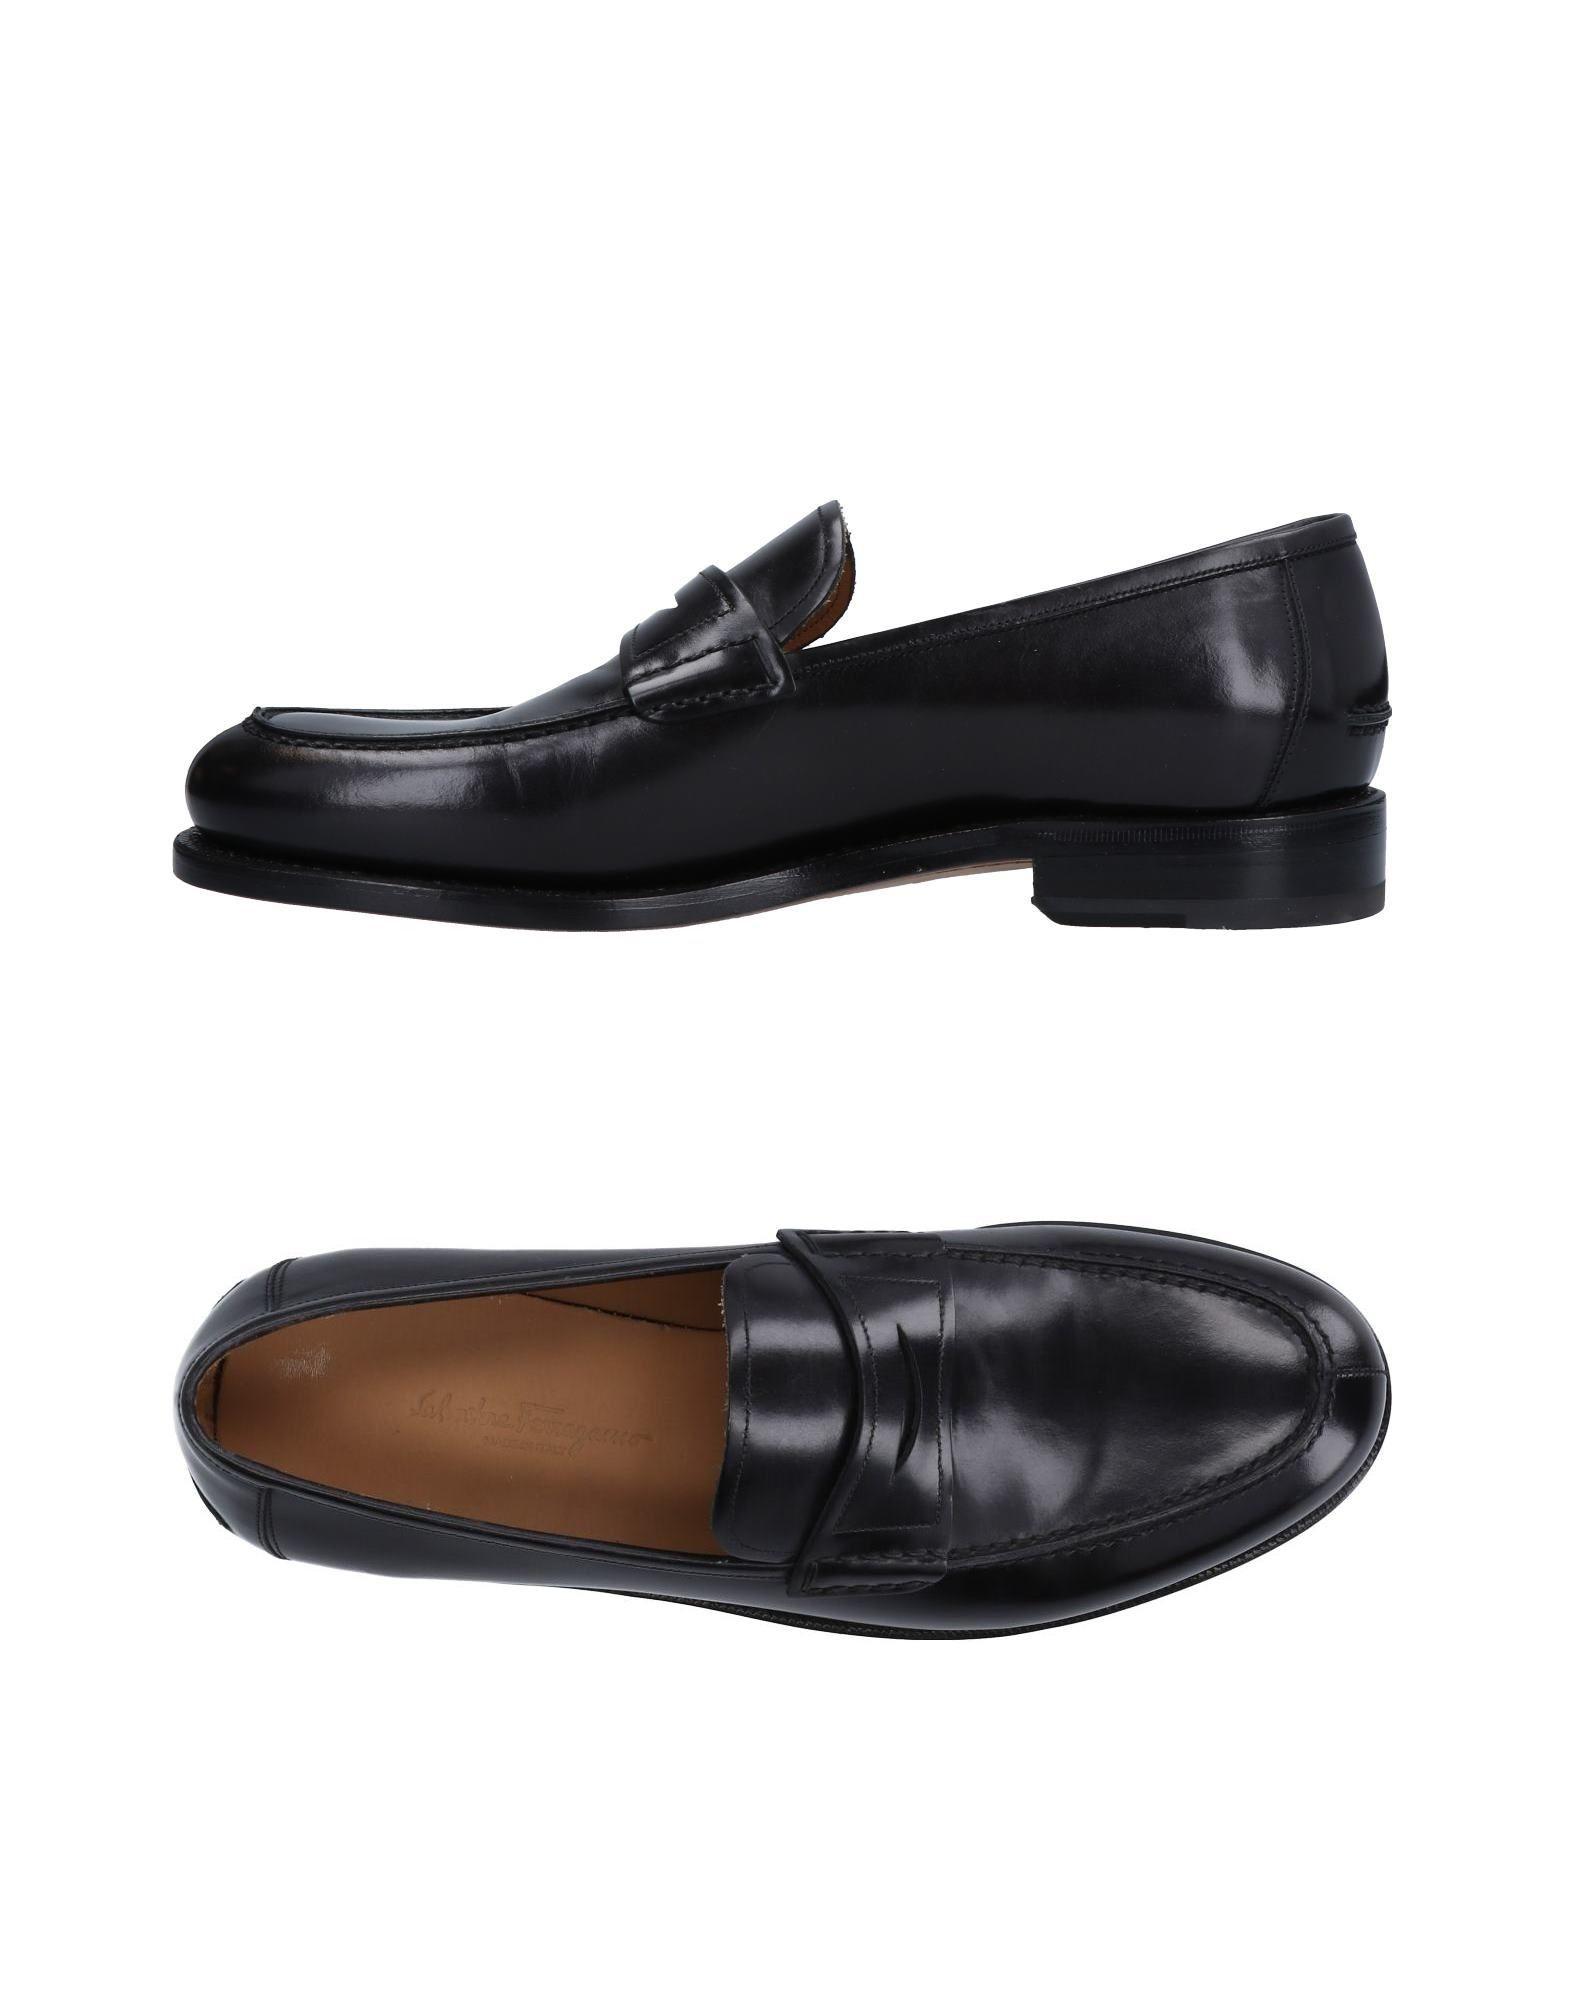 Salvatore Ferragamo Mokassins Herren  11504914HR Gute Qualität beliebte Schuhe